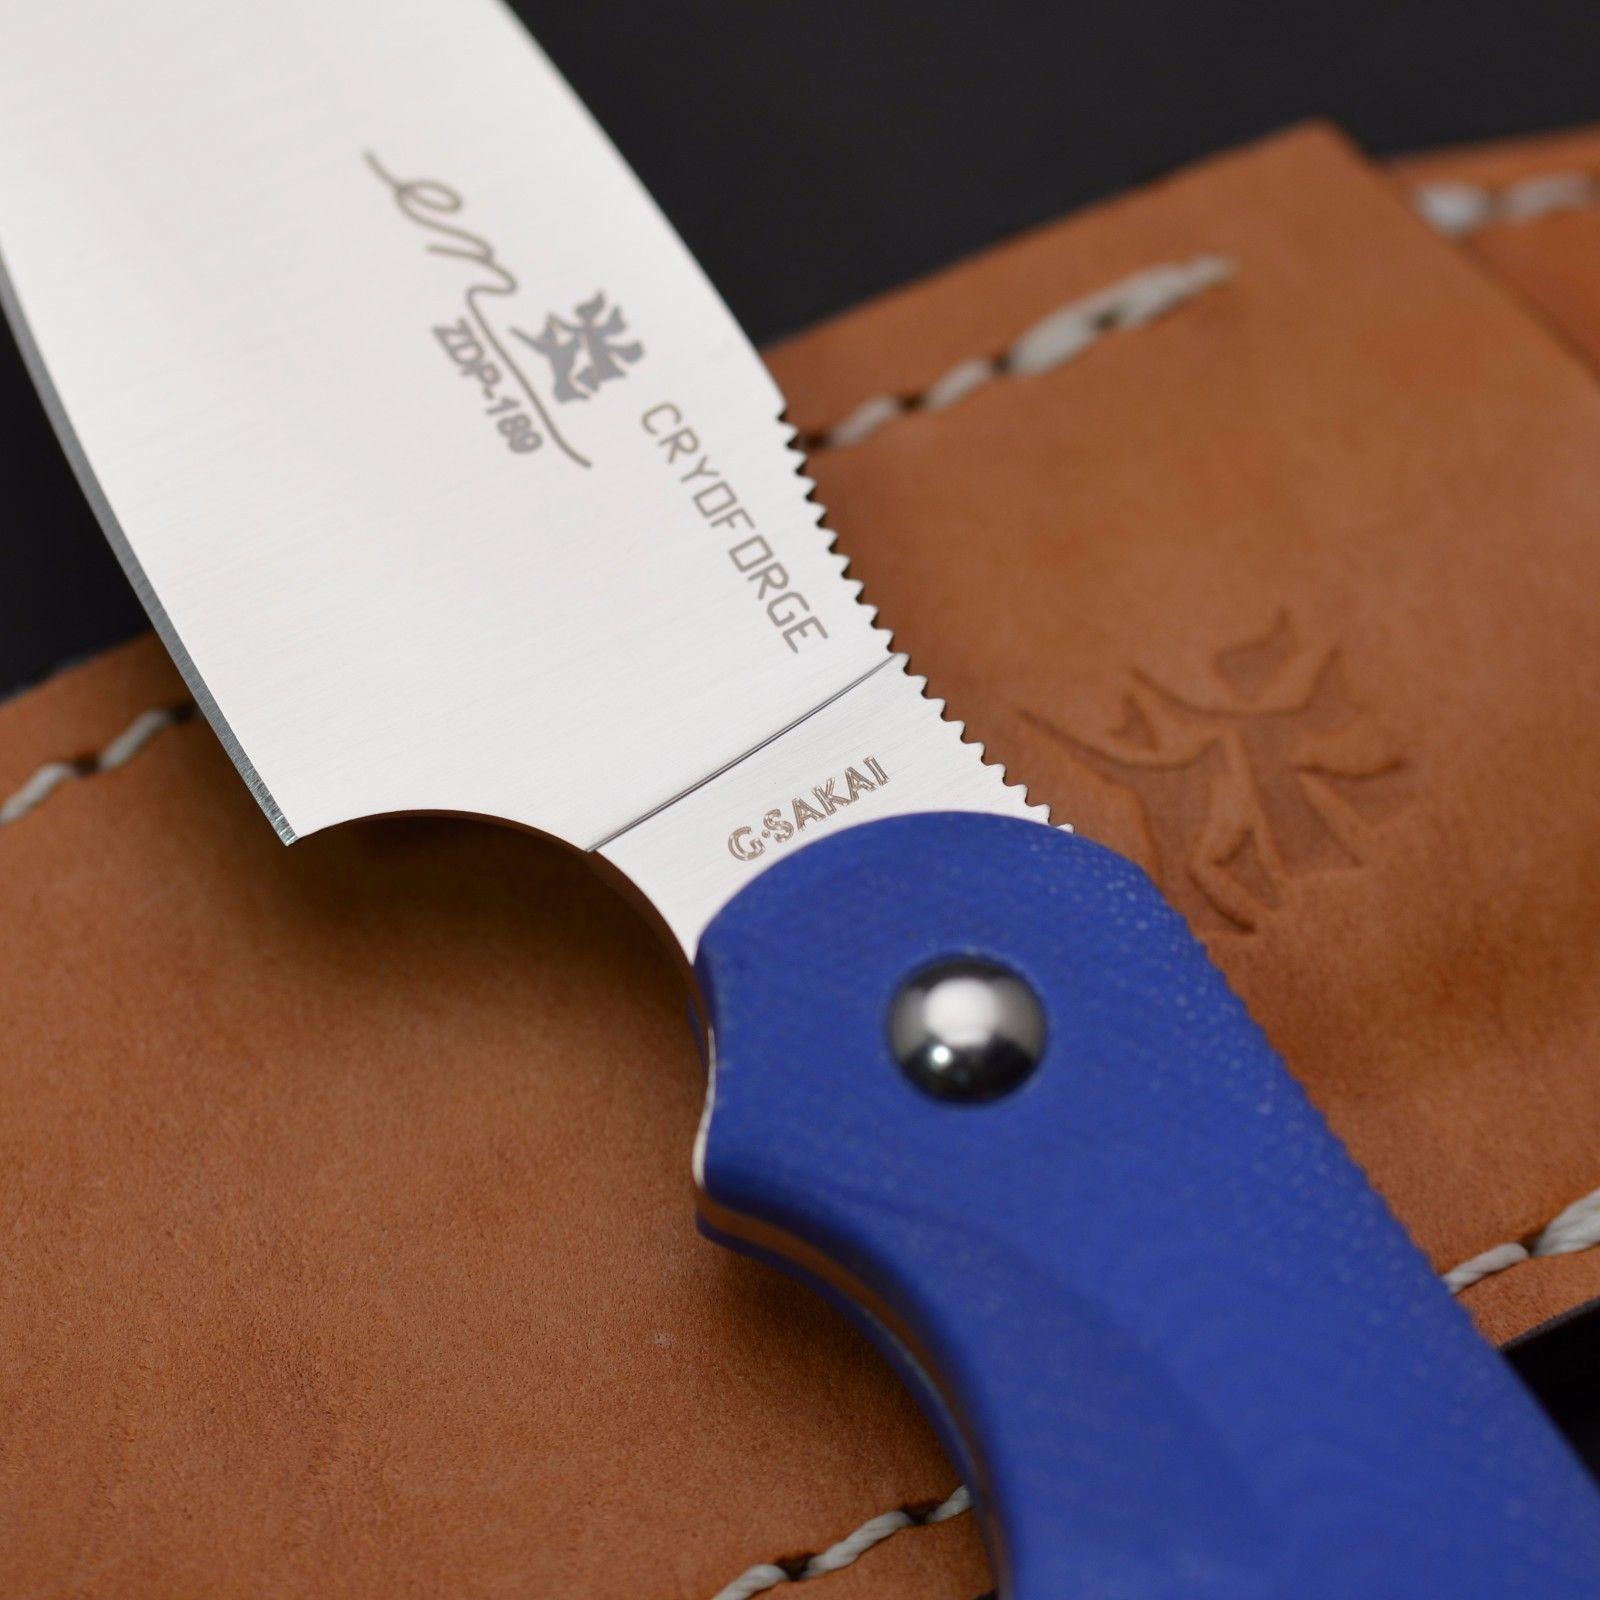 Фото 2 - Туристический нож G.Sakai, Camper En Fixed, ZDP-189, Blue G-10